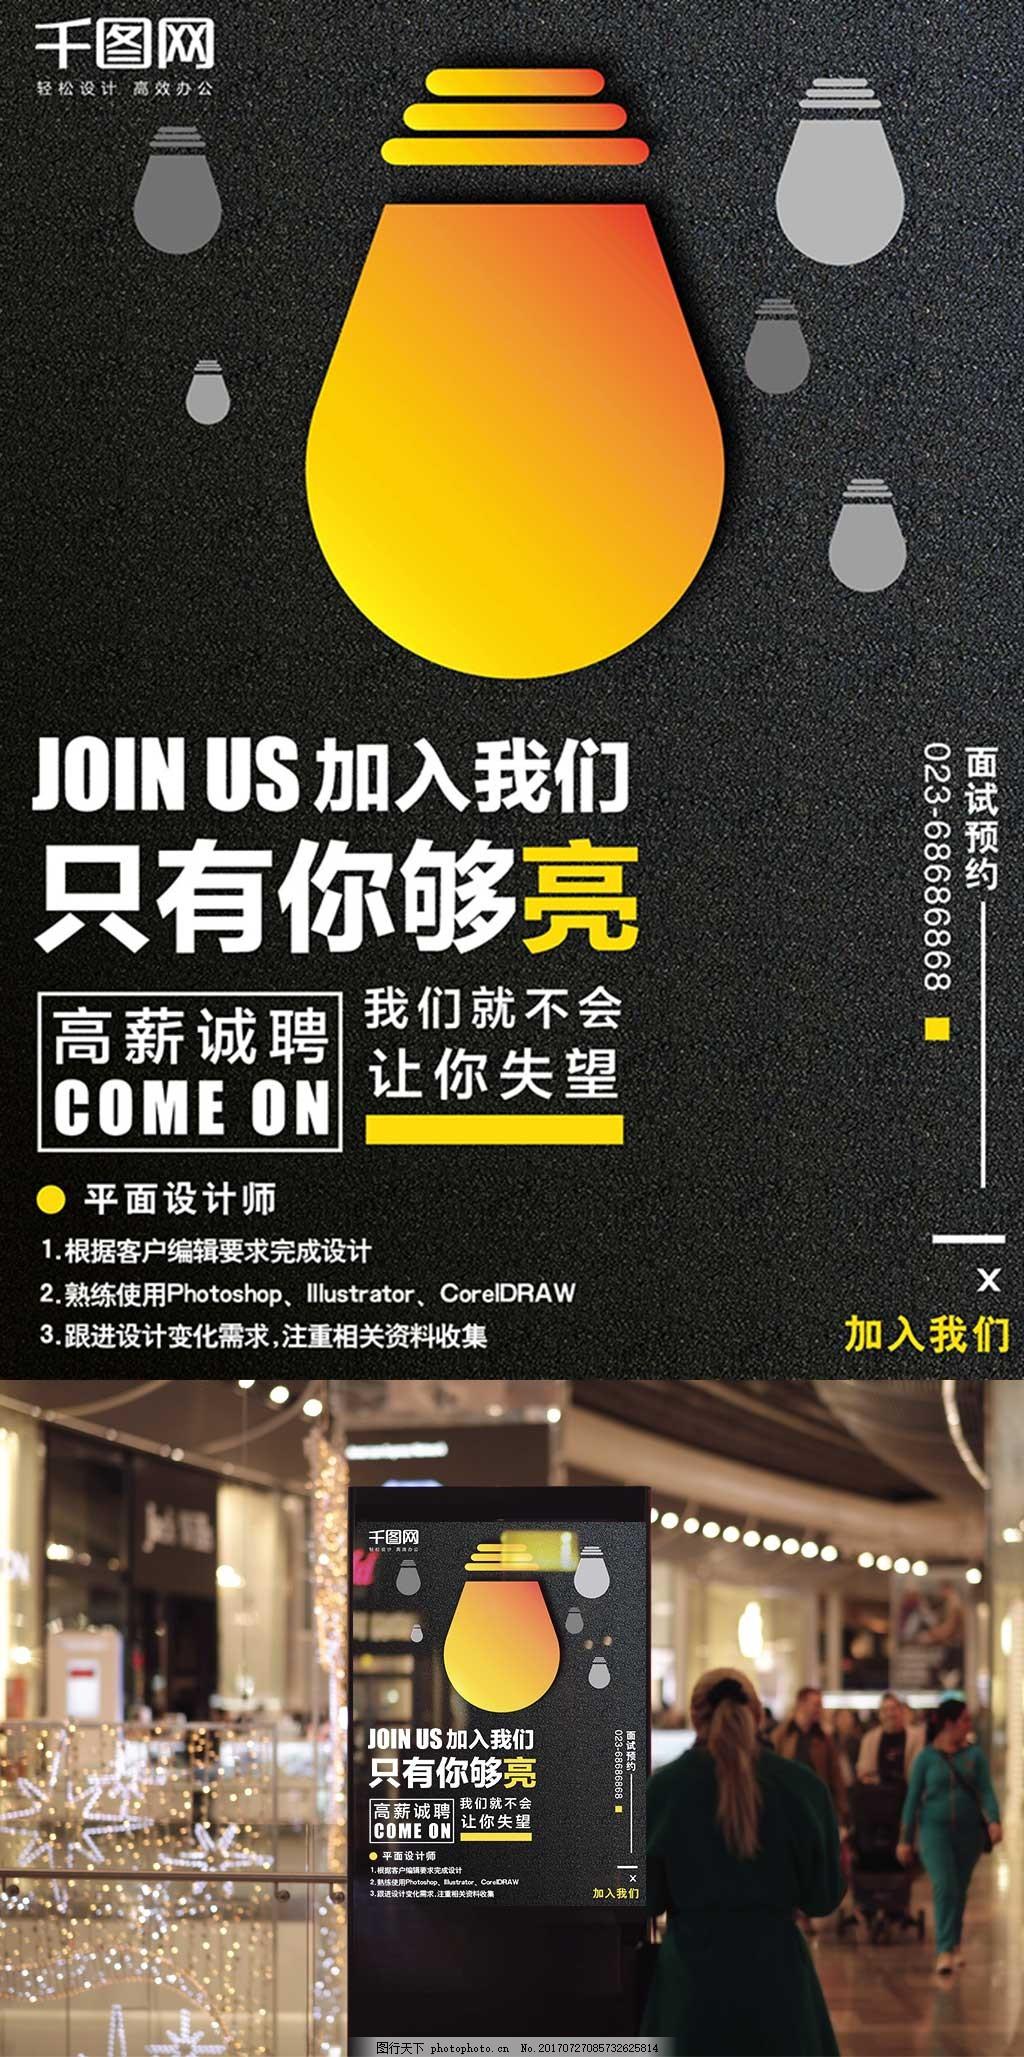 大气黑金灯泡招聘创意简约商业海报设计 加入我们 招聘海报 天空